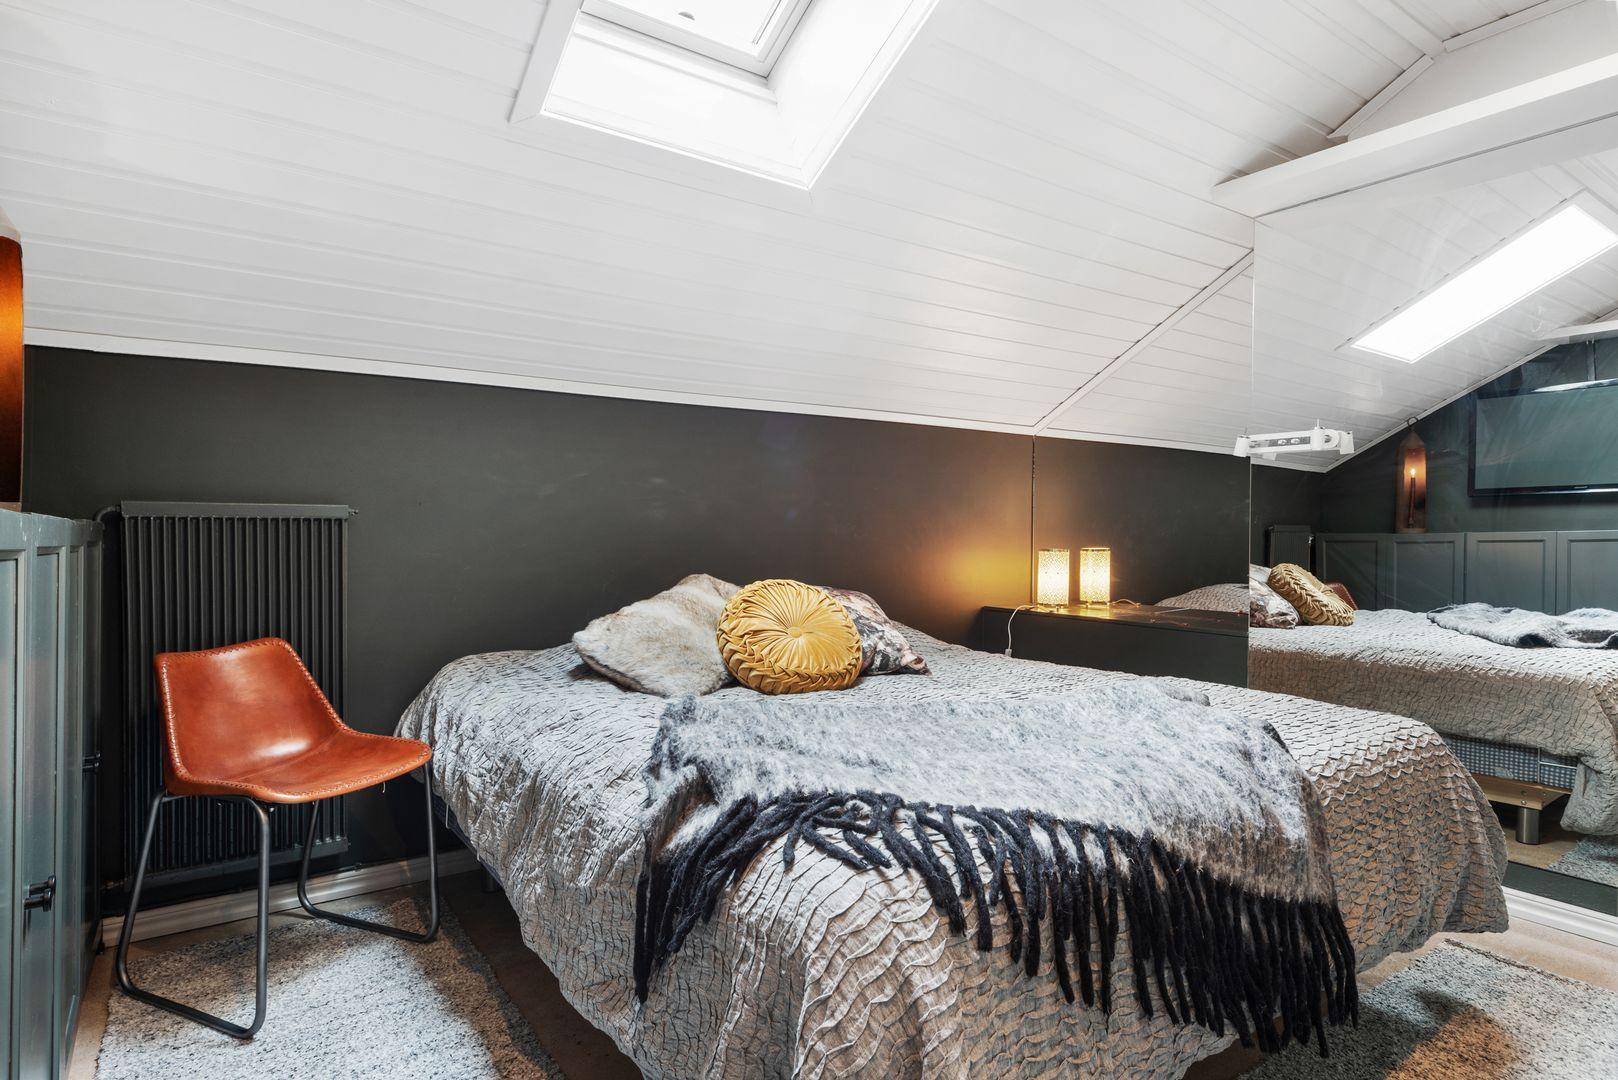 Sovrum med takfönster